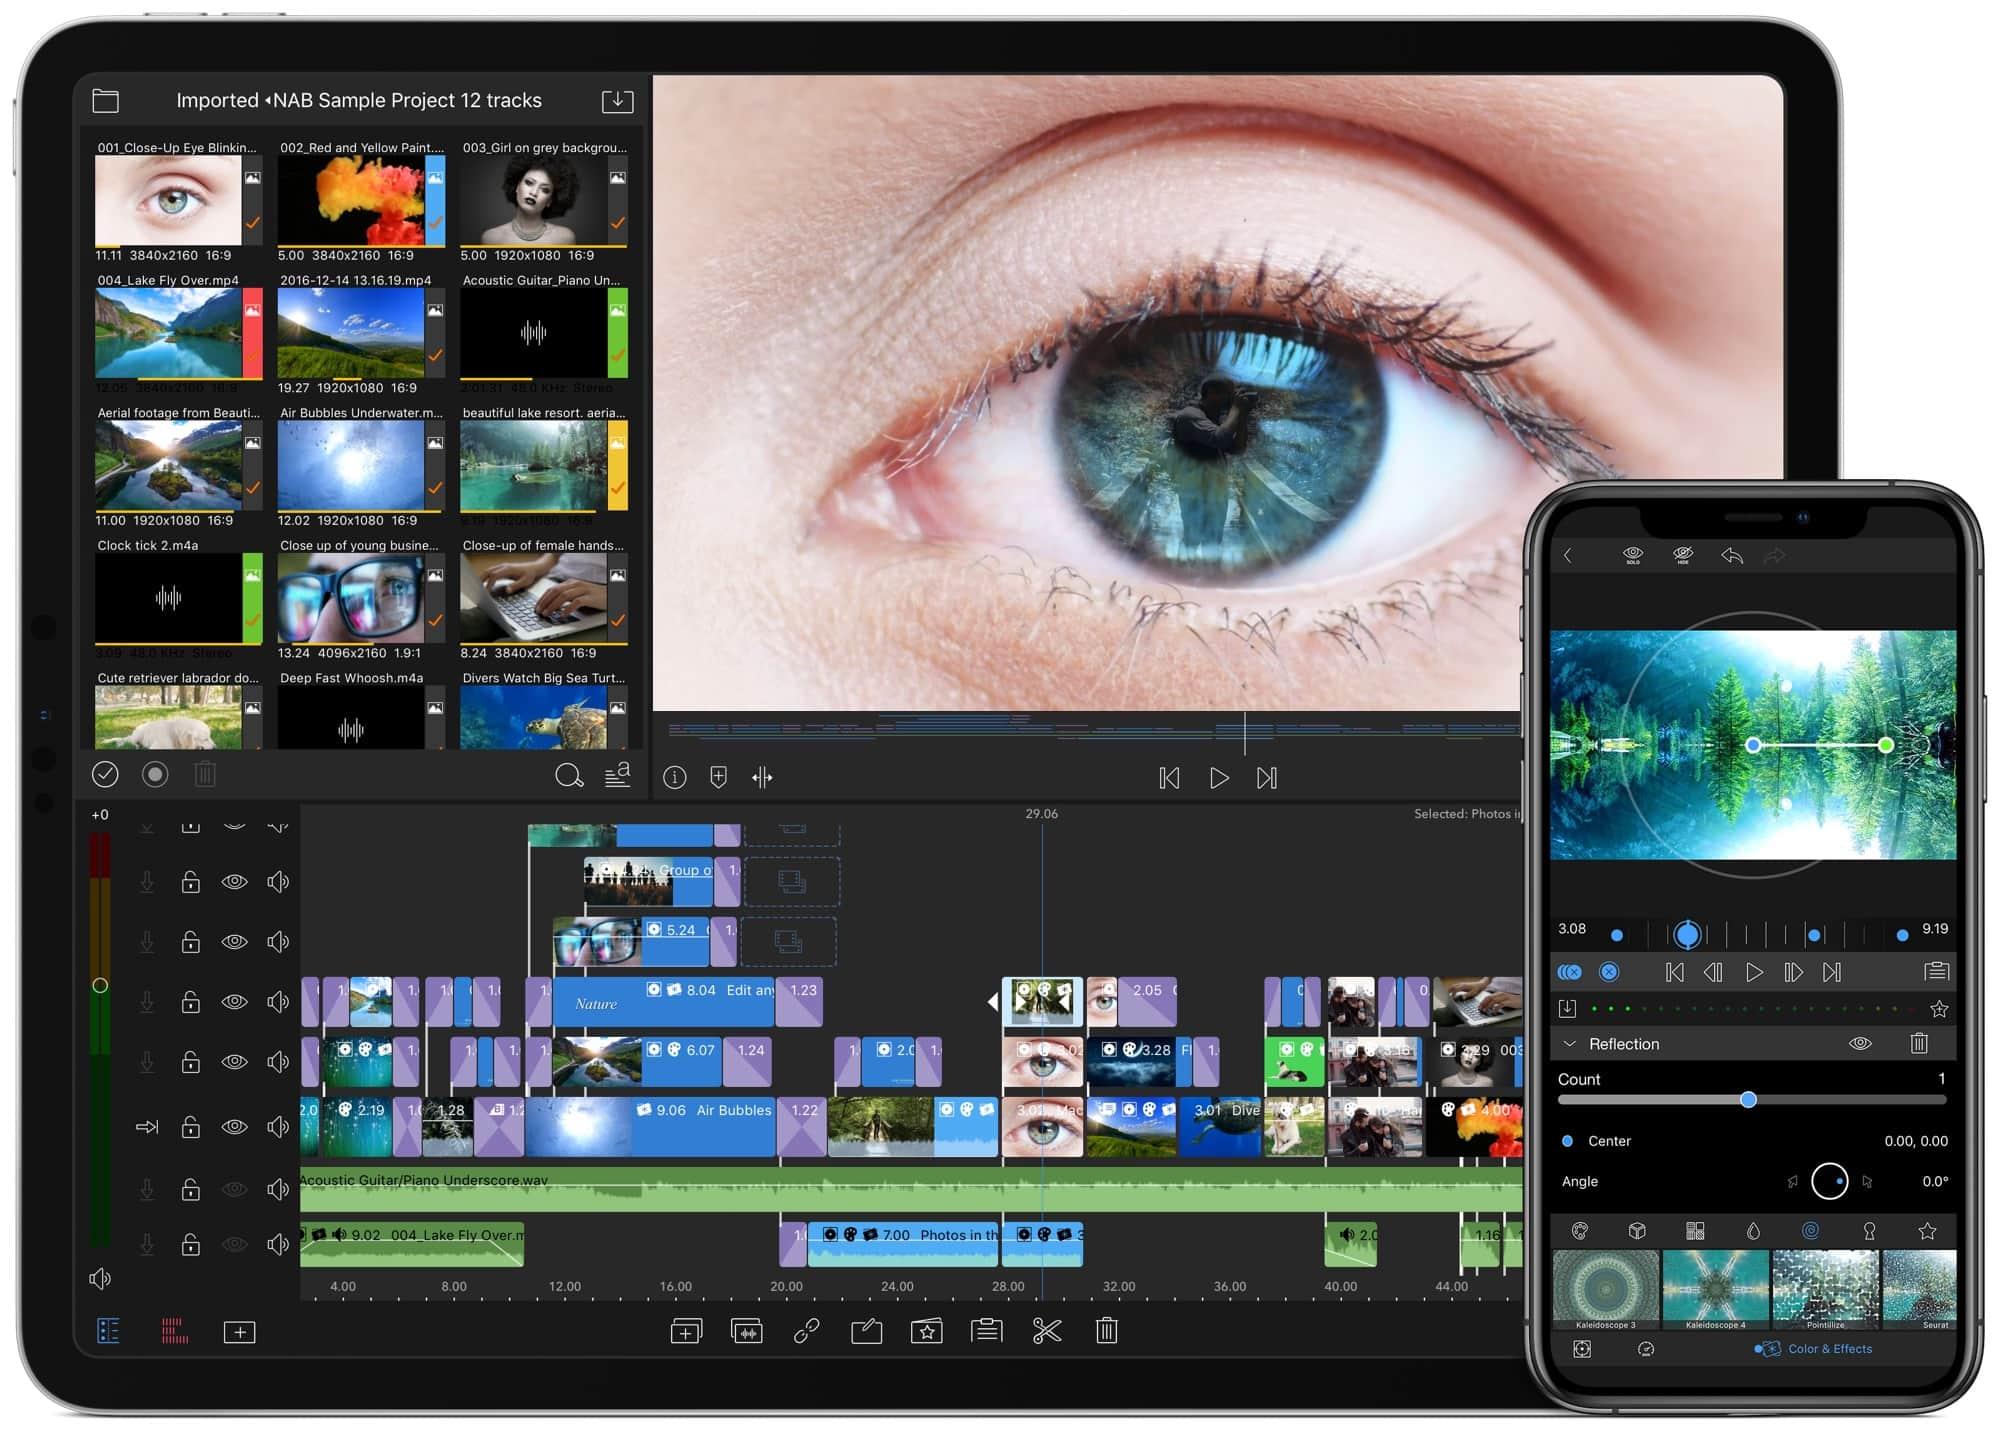 Монтаж видео на андроид: выбираем лучшие приложения. топ-10 видеоредакторов